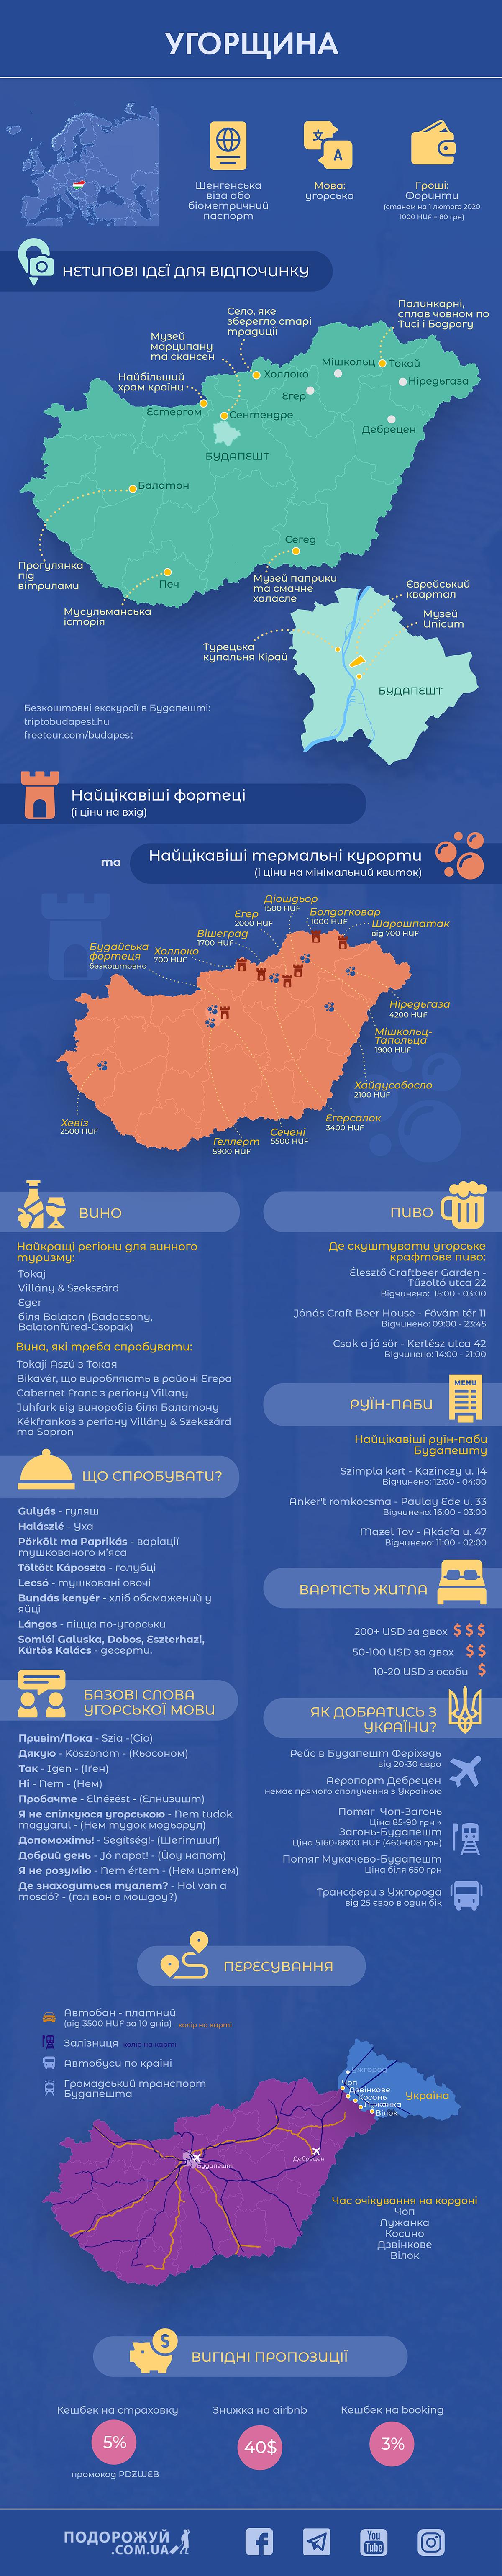 Угорщина - інфографіка